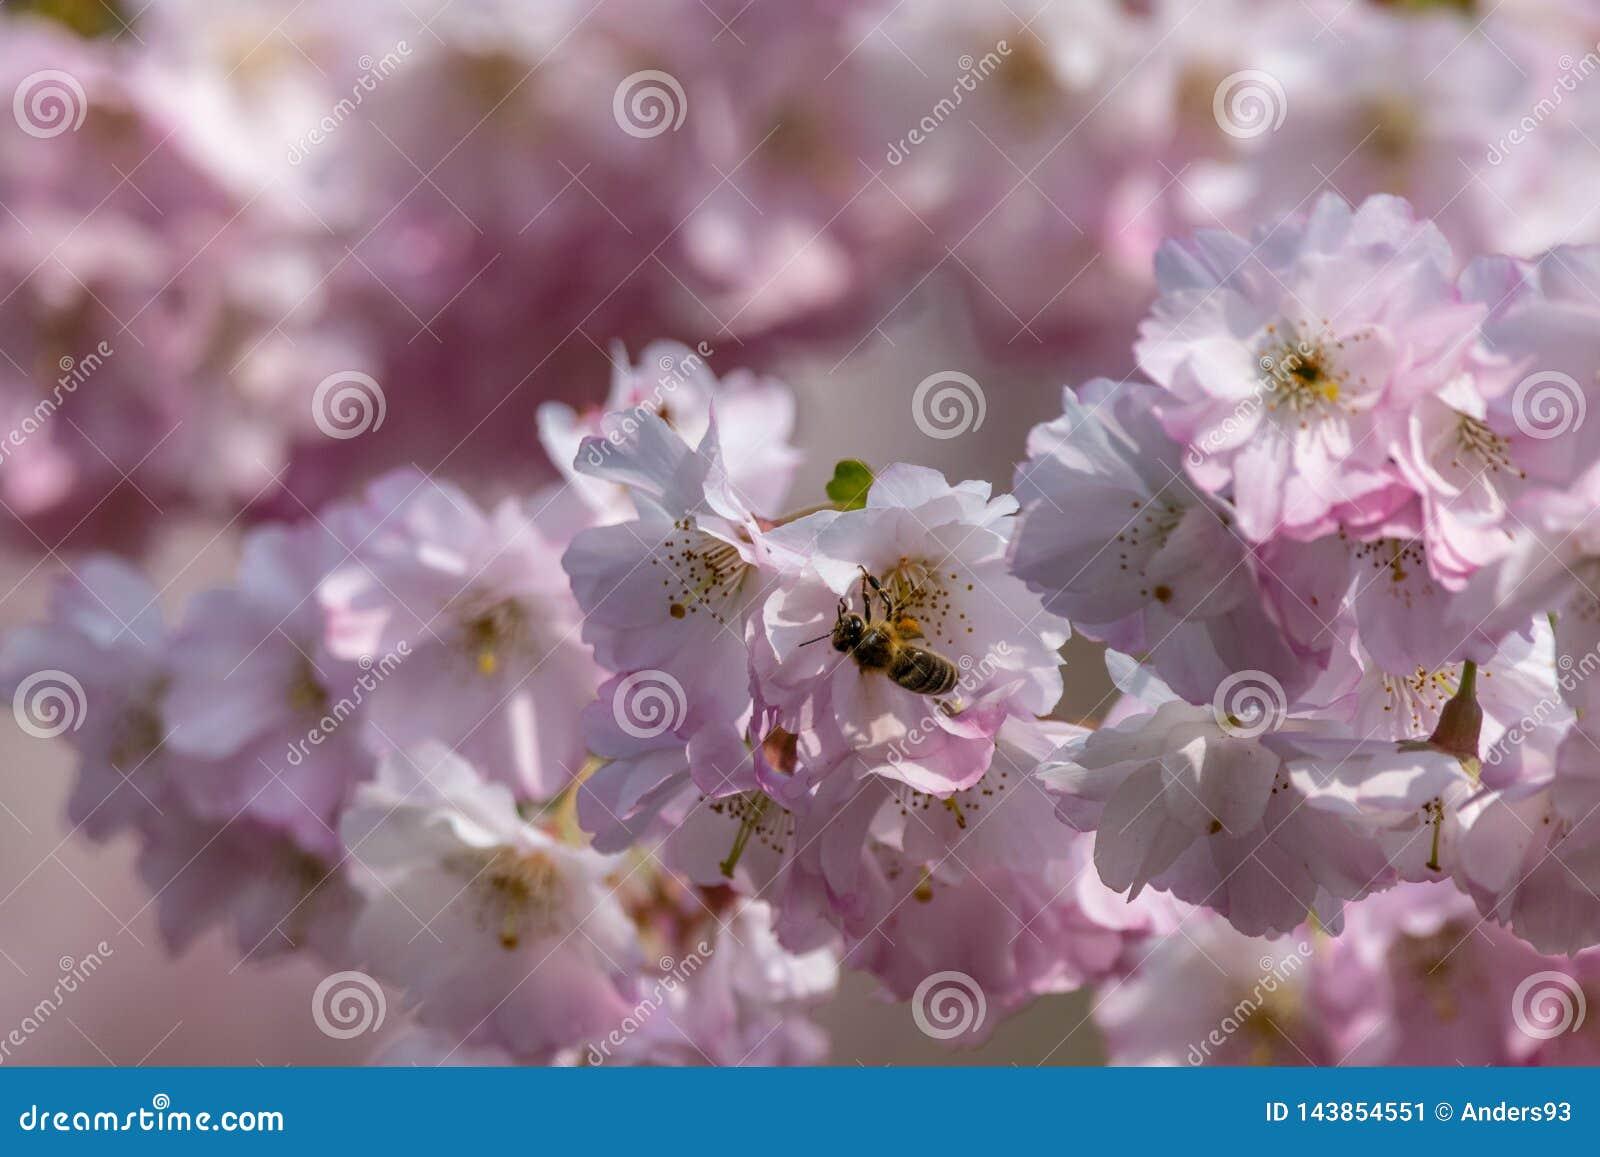 蜂蜜收集花蜜花粉的蜂Apis从白色桃红色樱花在早期的春天